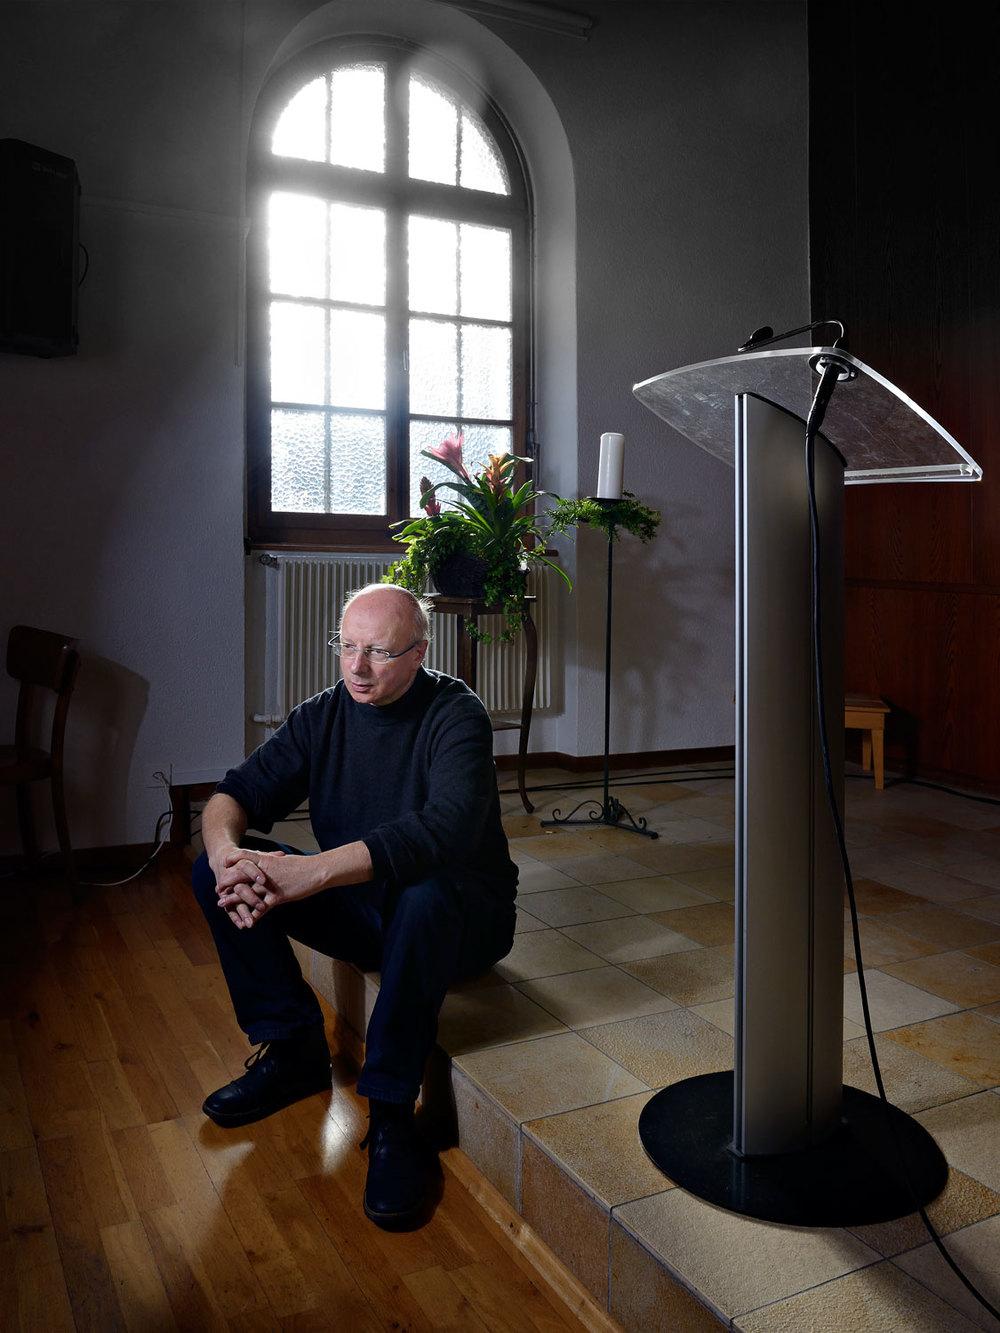 Claude Bordigoni, pasteur de l'Eglise évangélique libre de Reconvilier, dans son église, le 3 décembre 2013. Copyright Bertrand Cottet